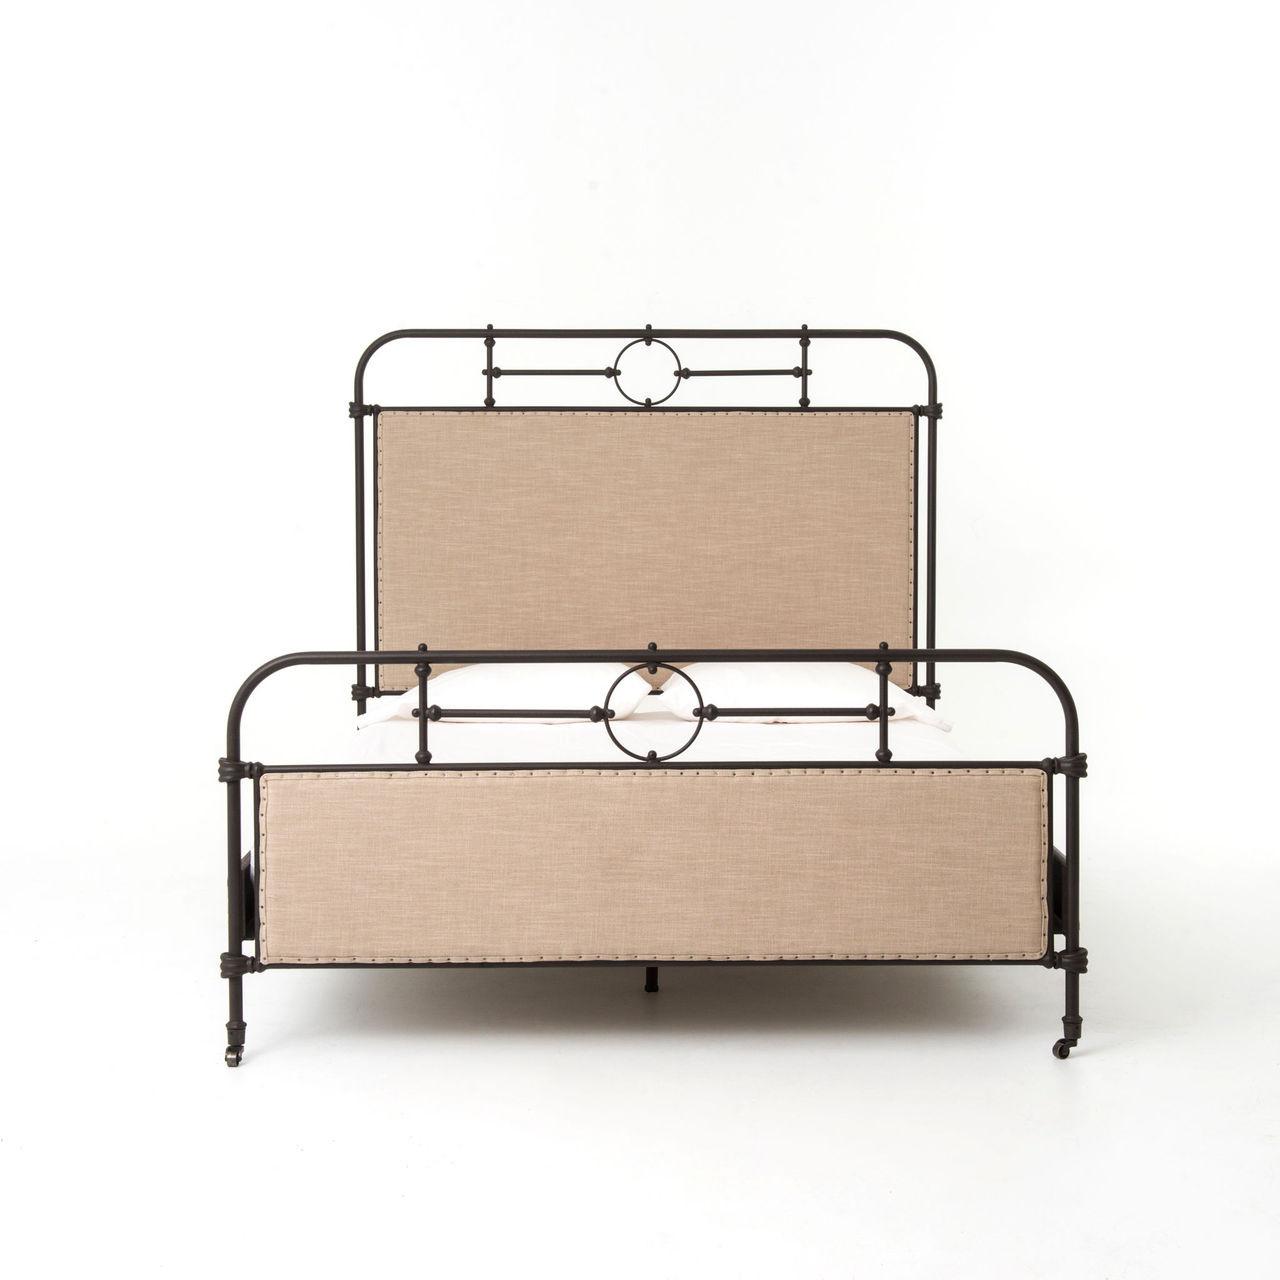 Queen Metal Bed Frames For Sale